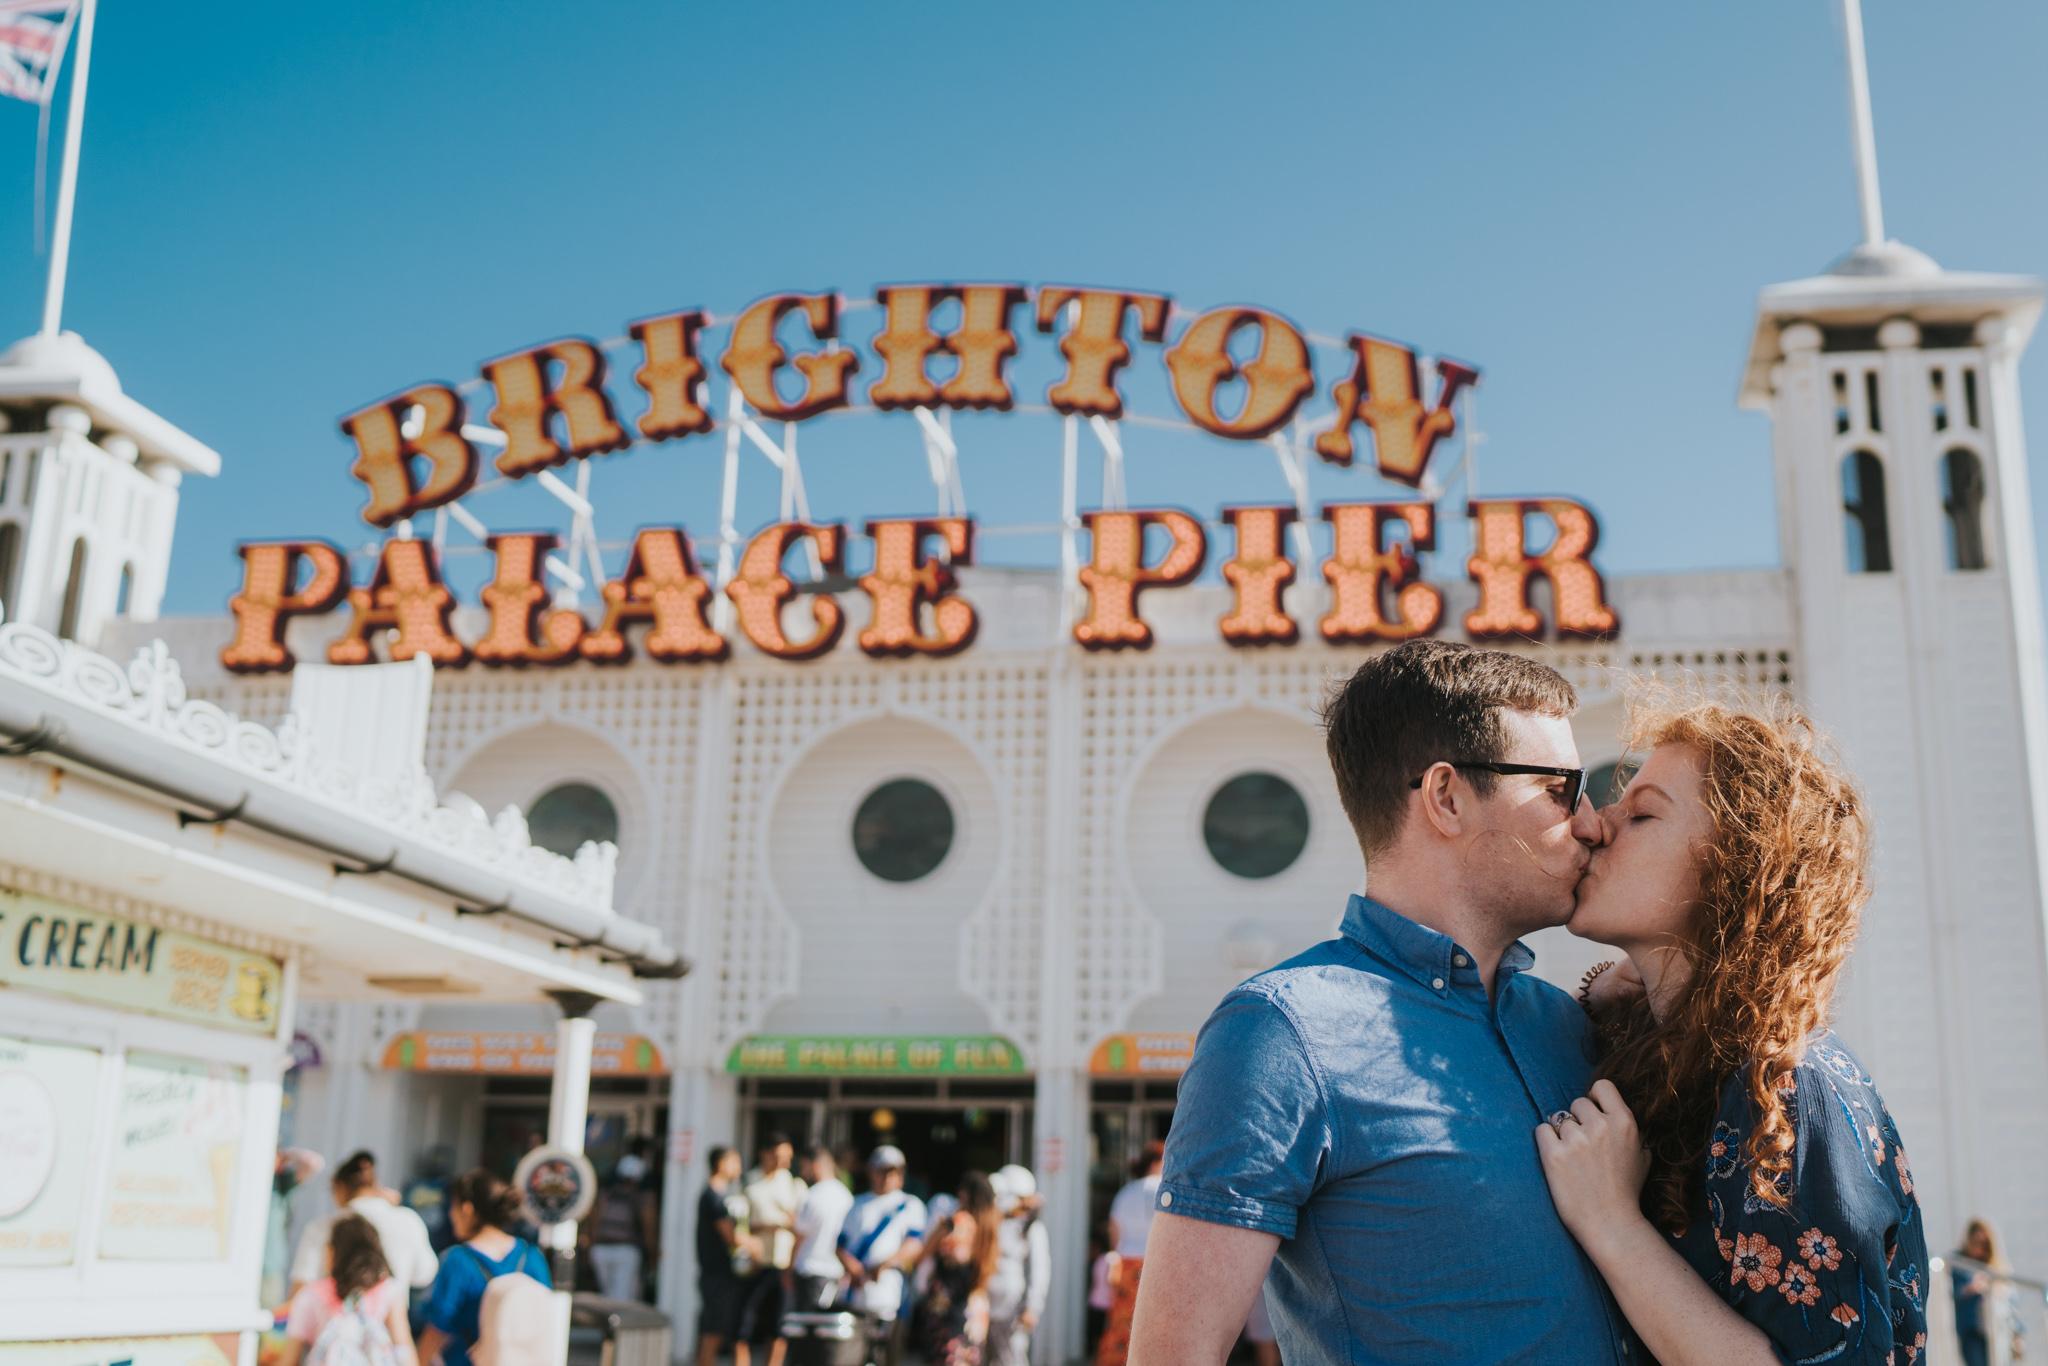 philippa-mark-pre-wedding-session-brighton-pier-colchester-grace-elizabeth-colchester-essex-alternative-wedding-lifestyle-photographer-essex-suffolk-norfolk-devon-12.jpg